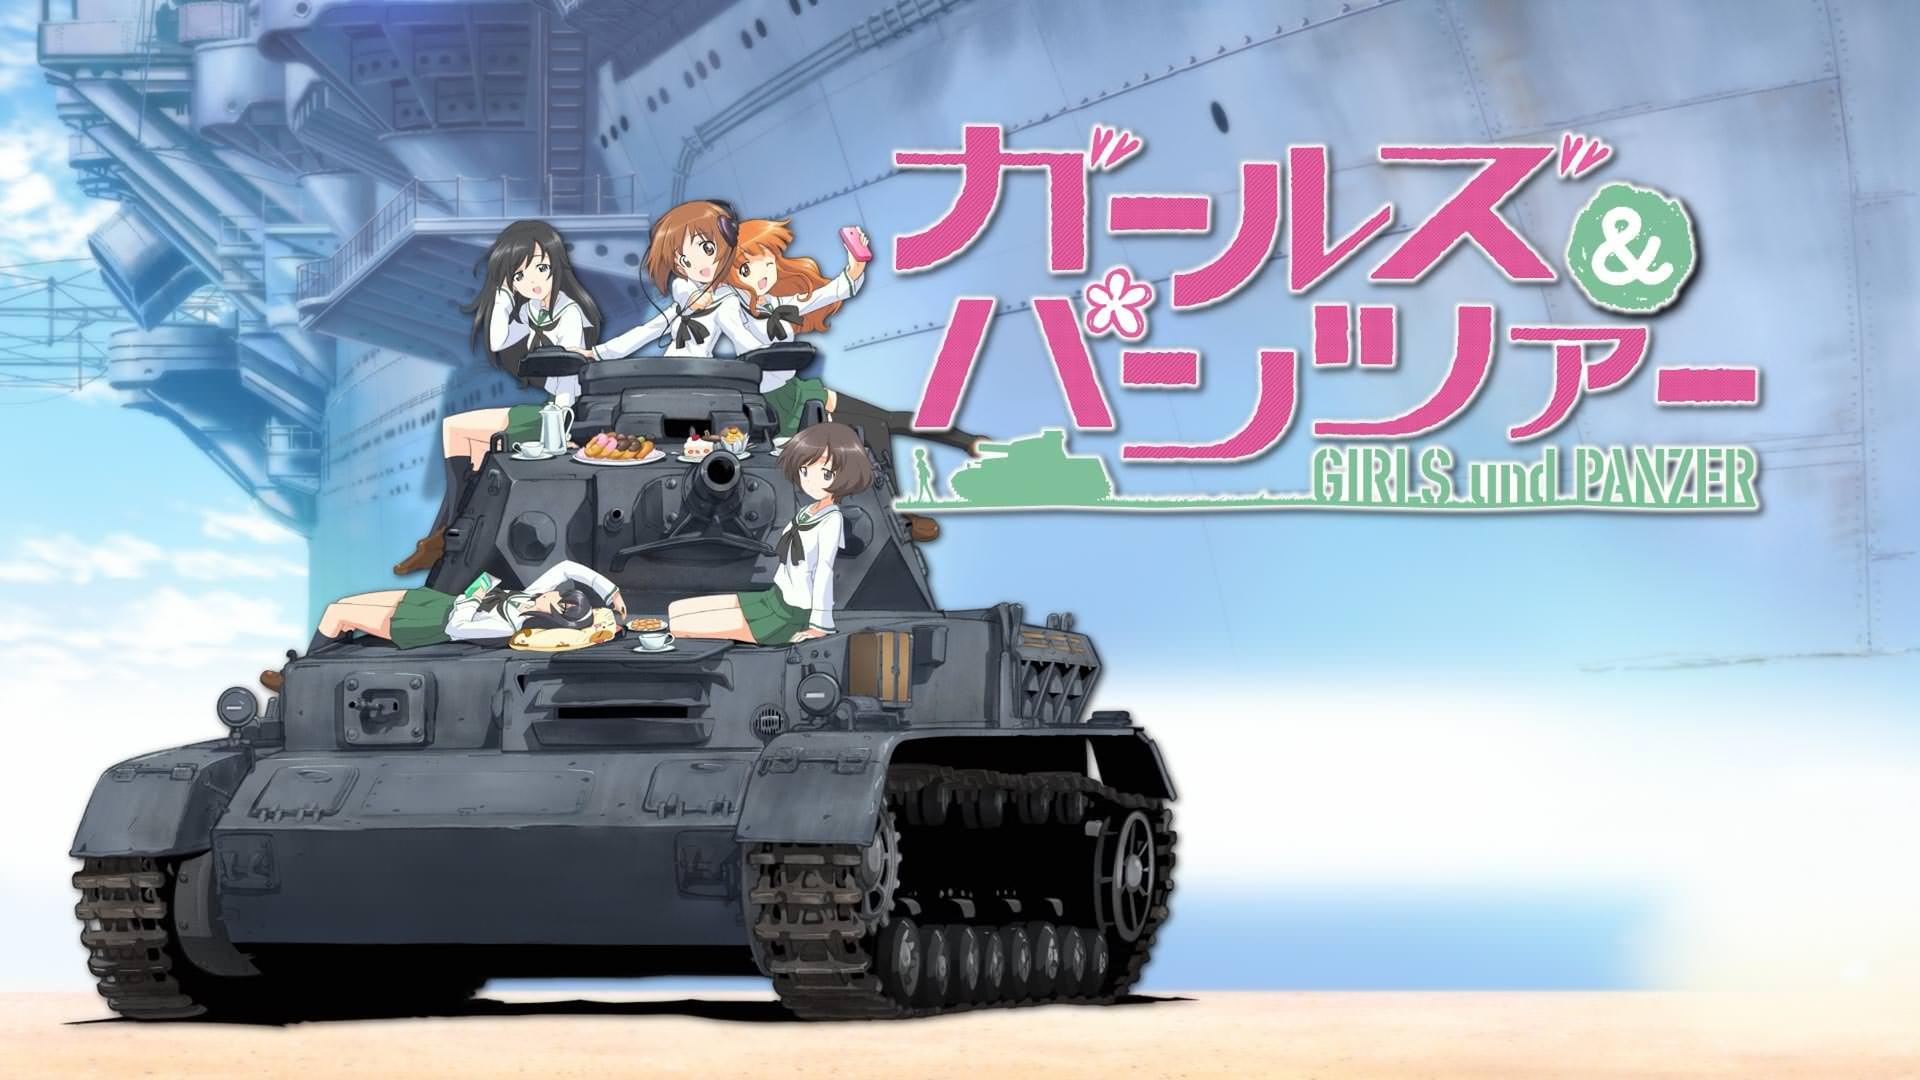 ガールズアンドパンツァー 戦車